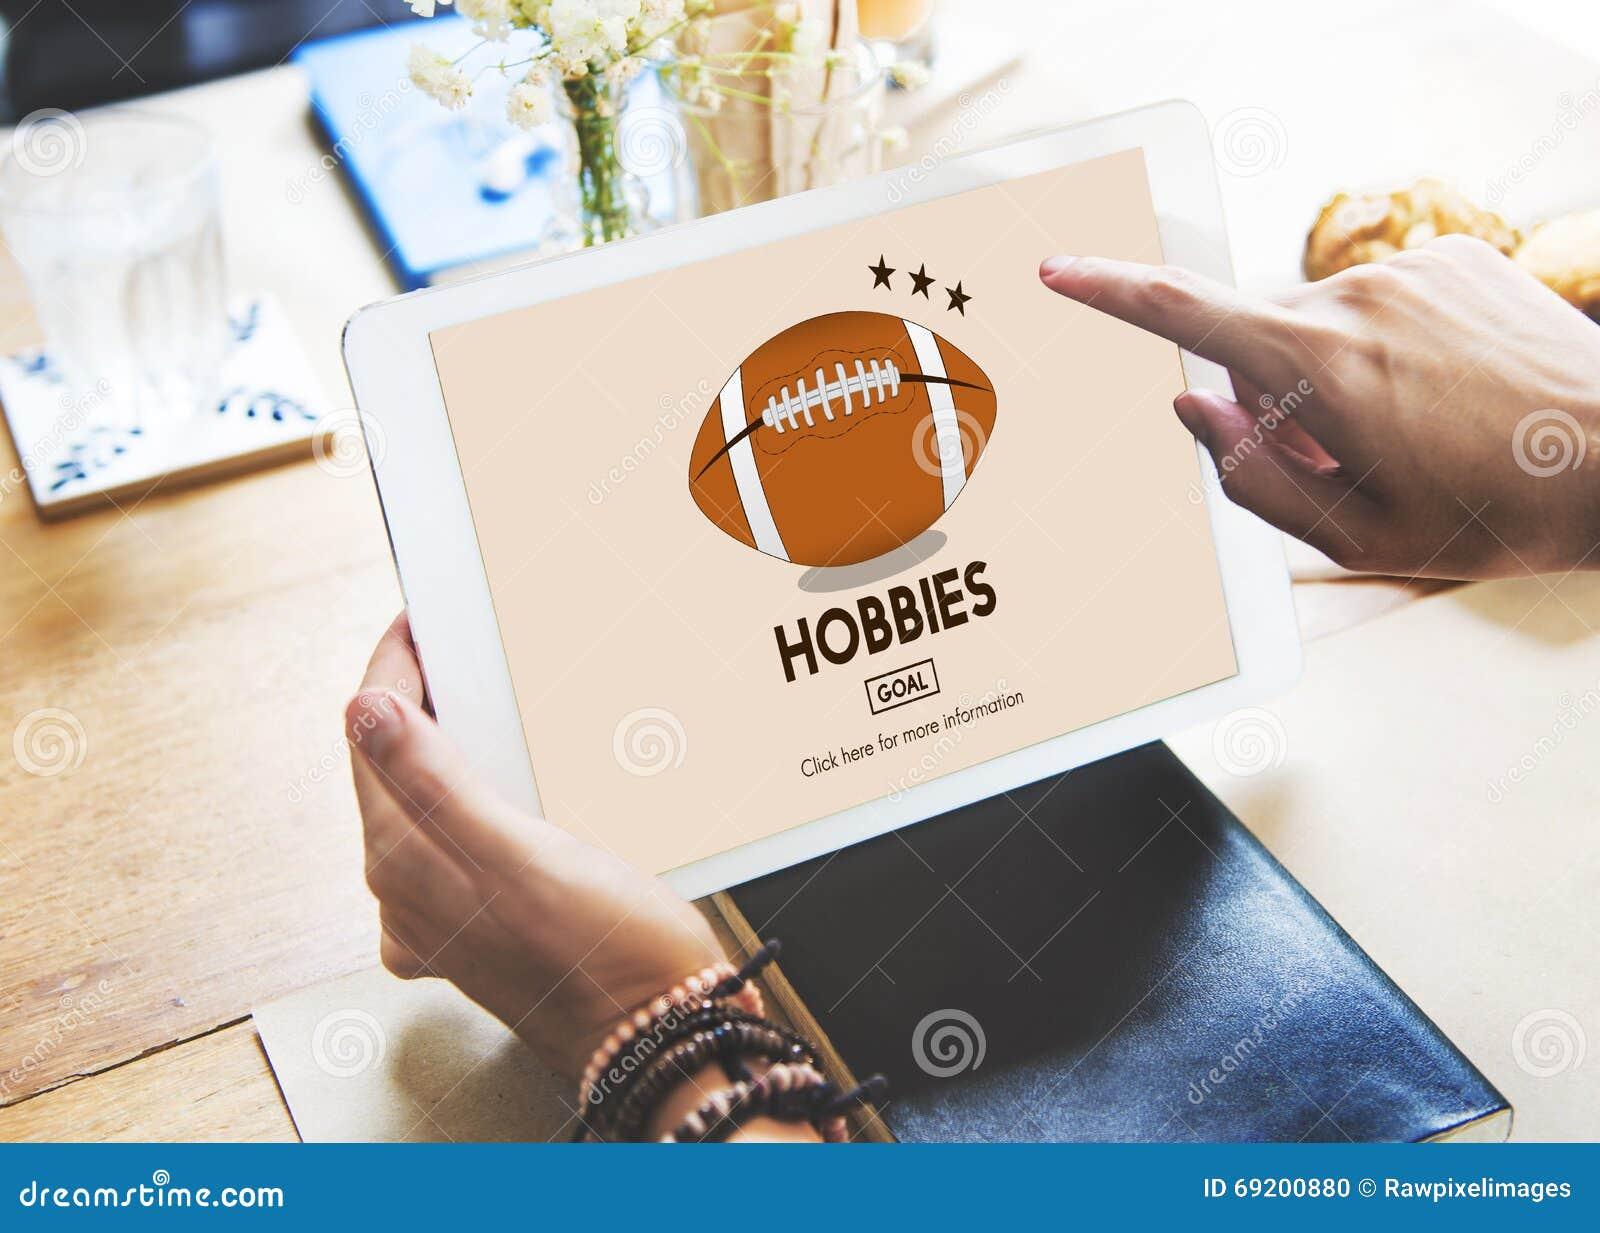 hobbies hobby interest leisure pleasure passion concept stock hobbies hobby interest leisure pleasure passion concept